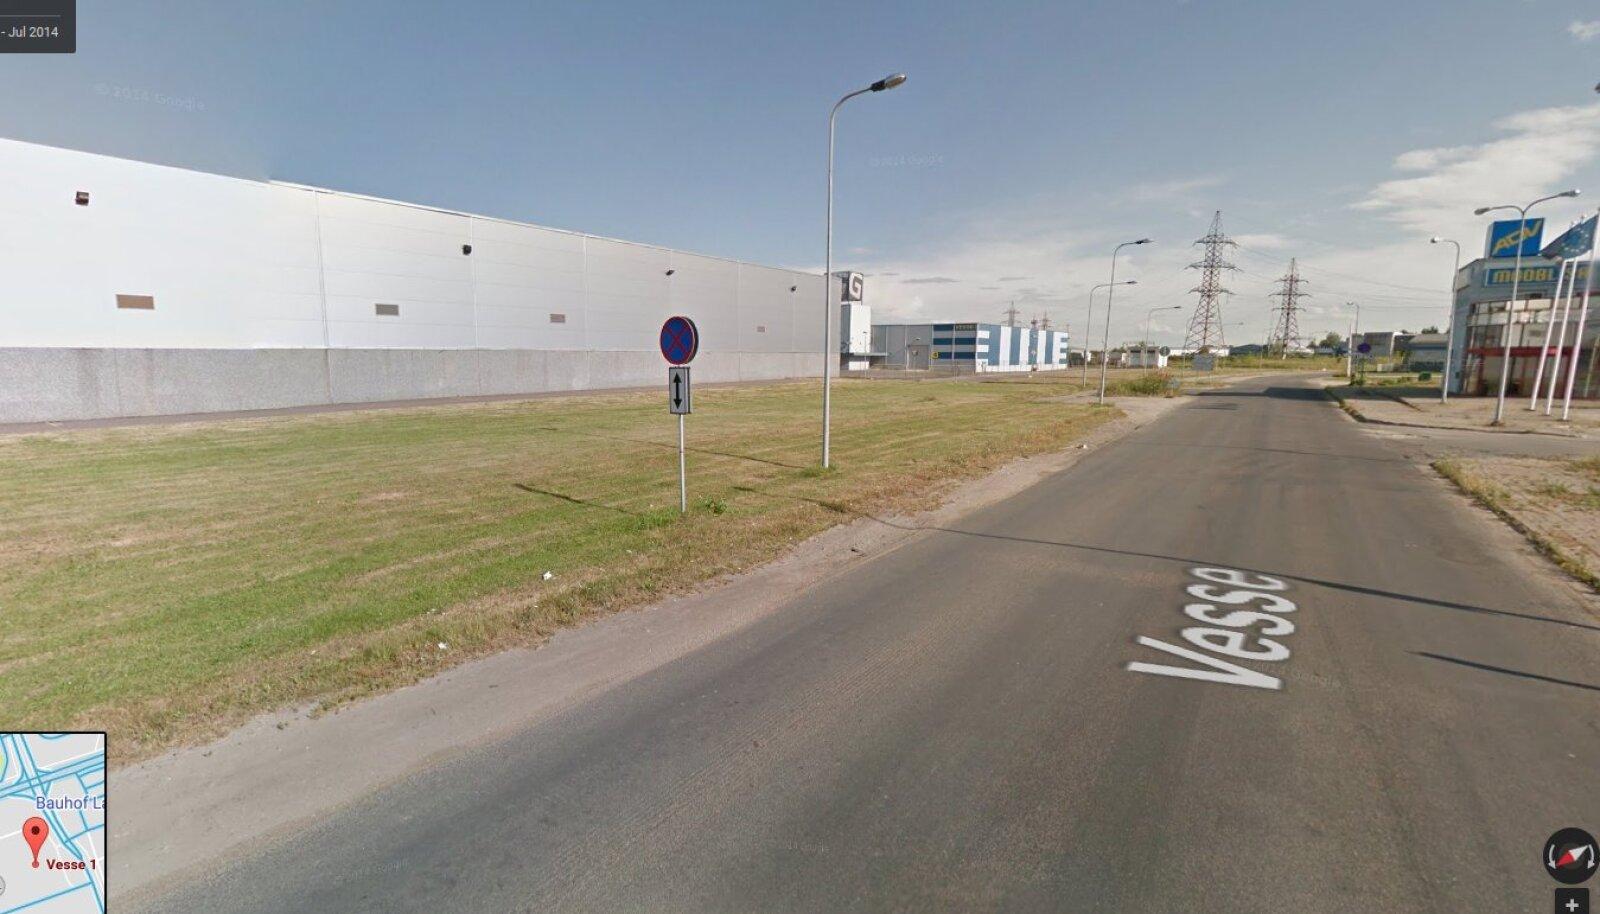 Tallinn, Vesse 1 juures (Google Street View ekraanitõmmis)